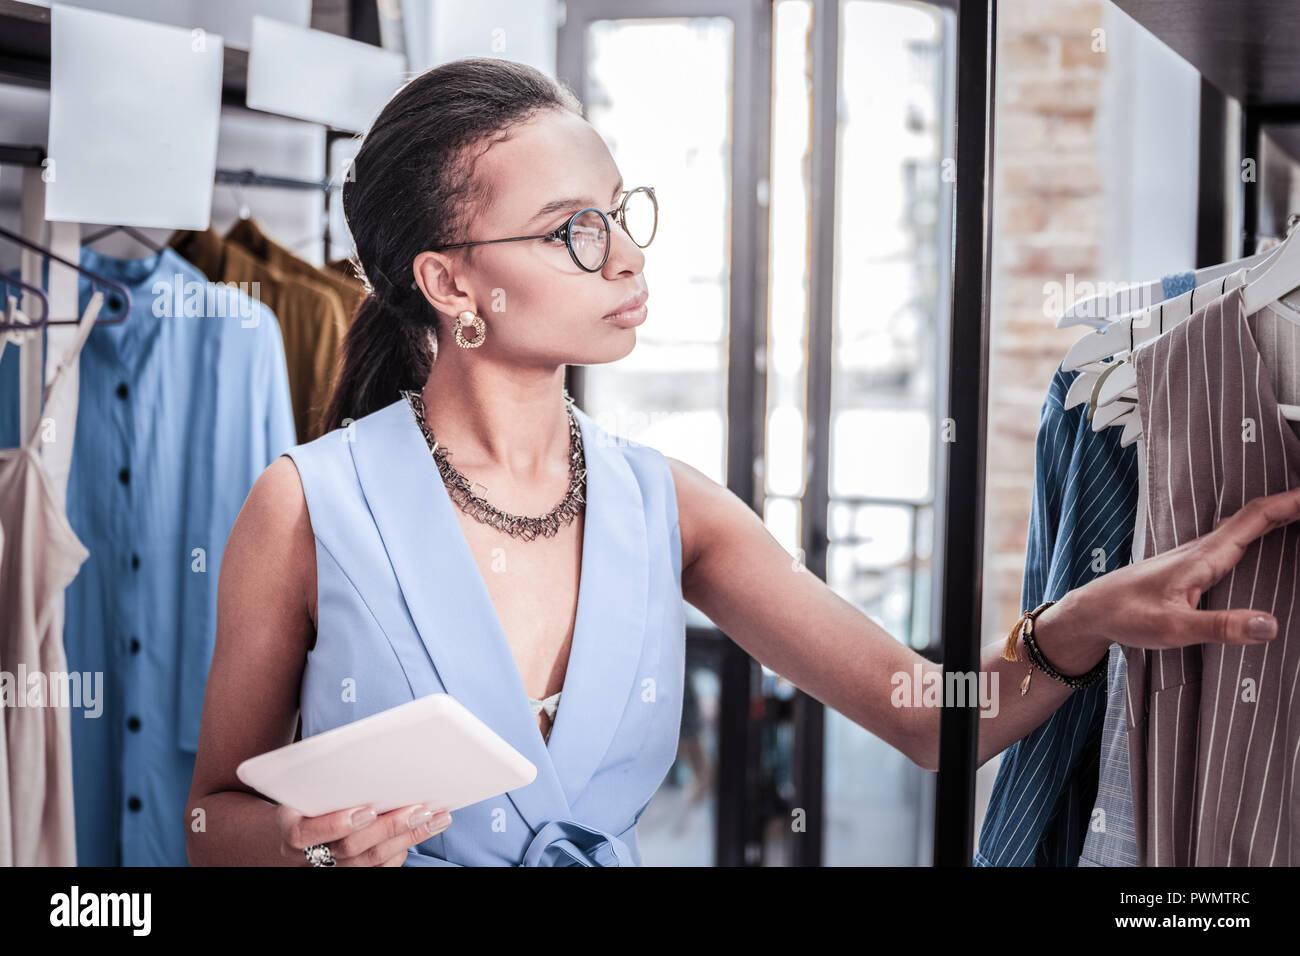 Propietario de boutique tablet PC mientras mantiene información acerca de la gama de tamaño de llenado Foto de stock